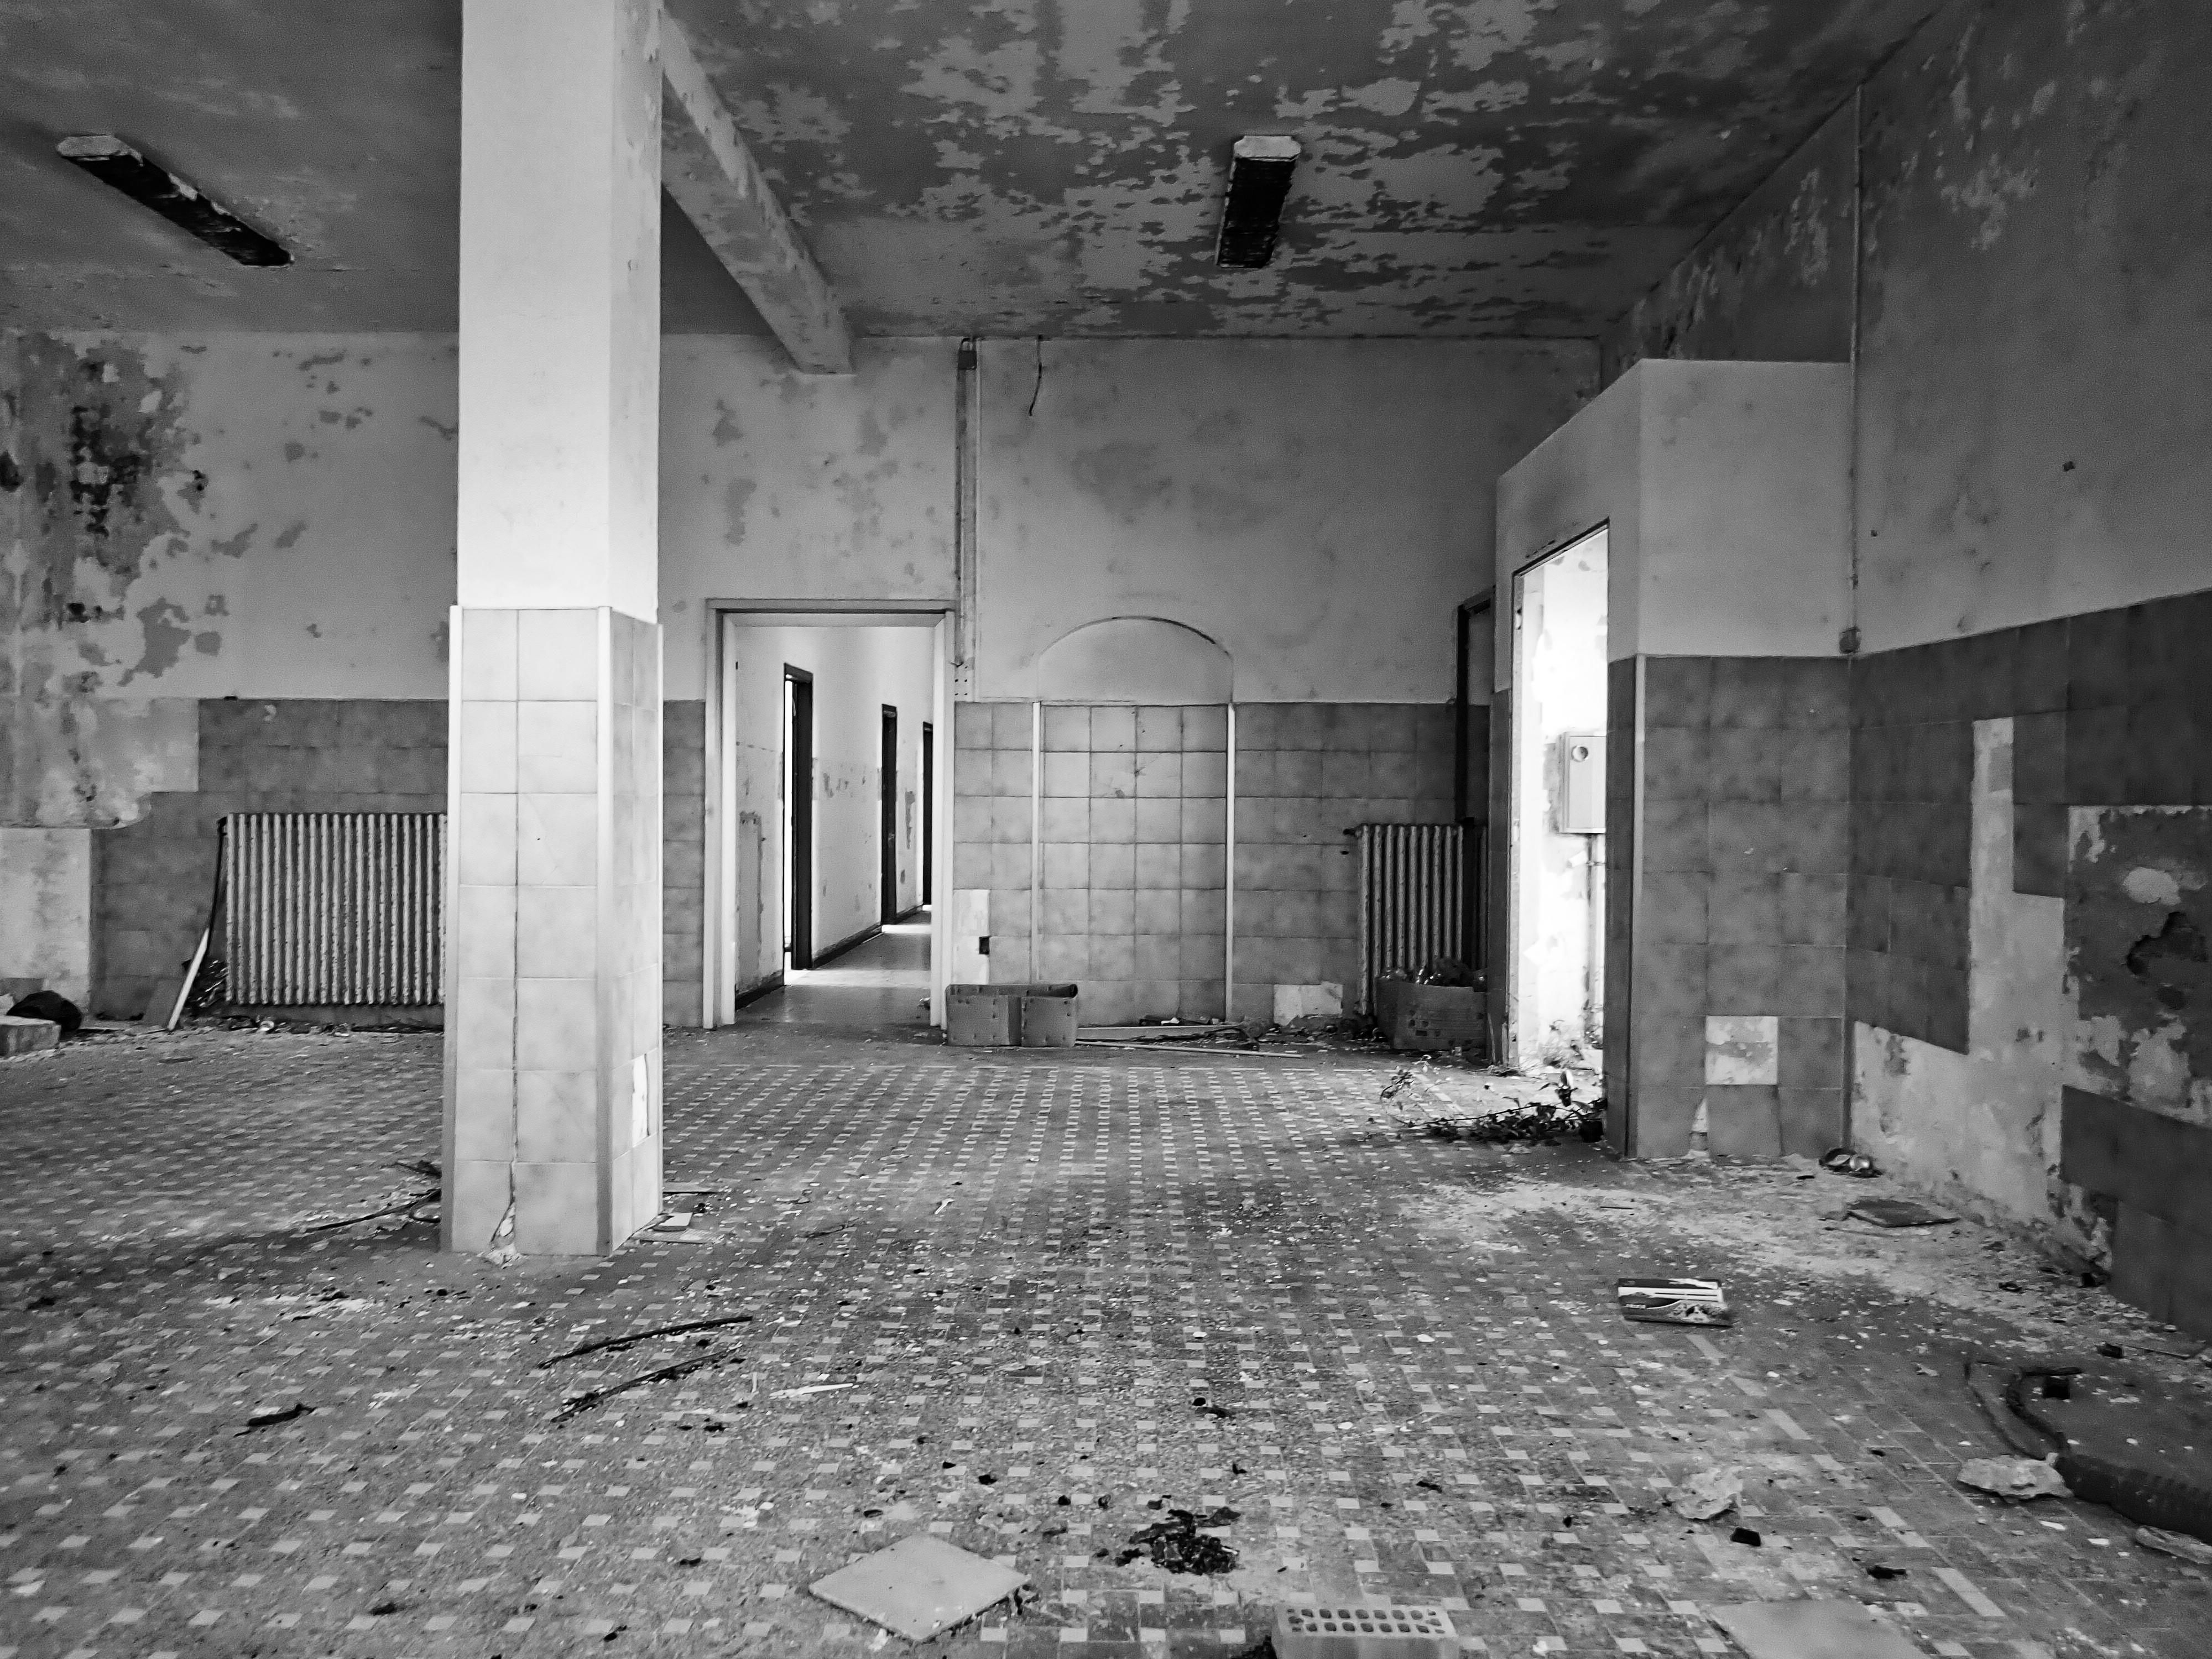 interni in bianco e nero